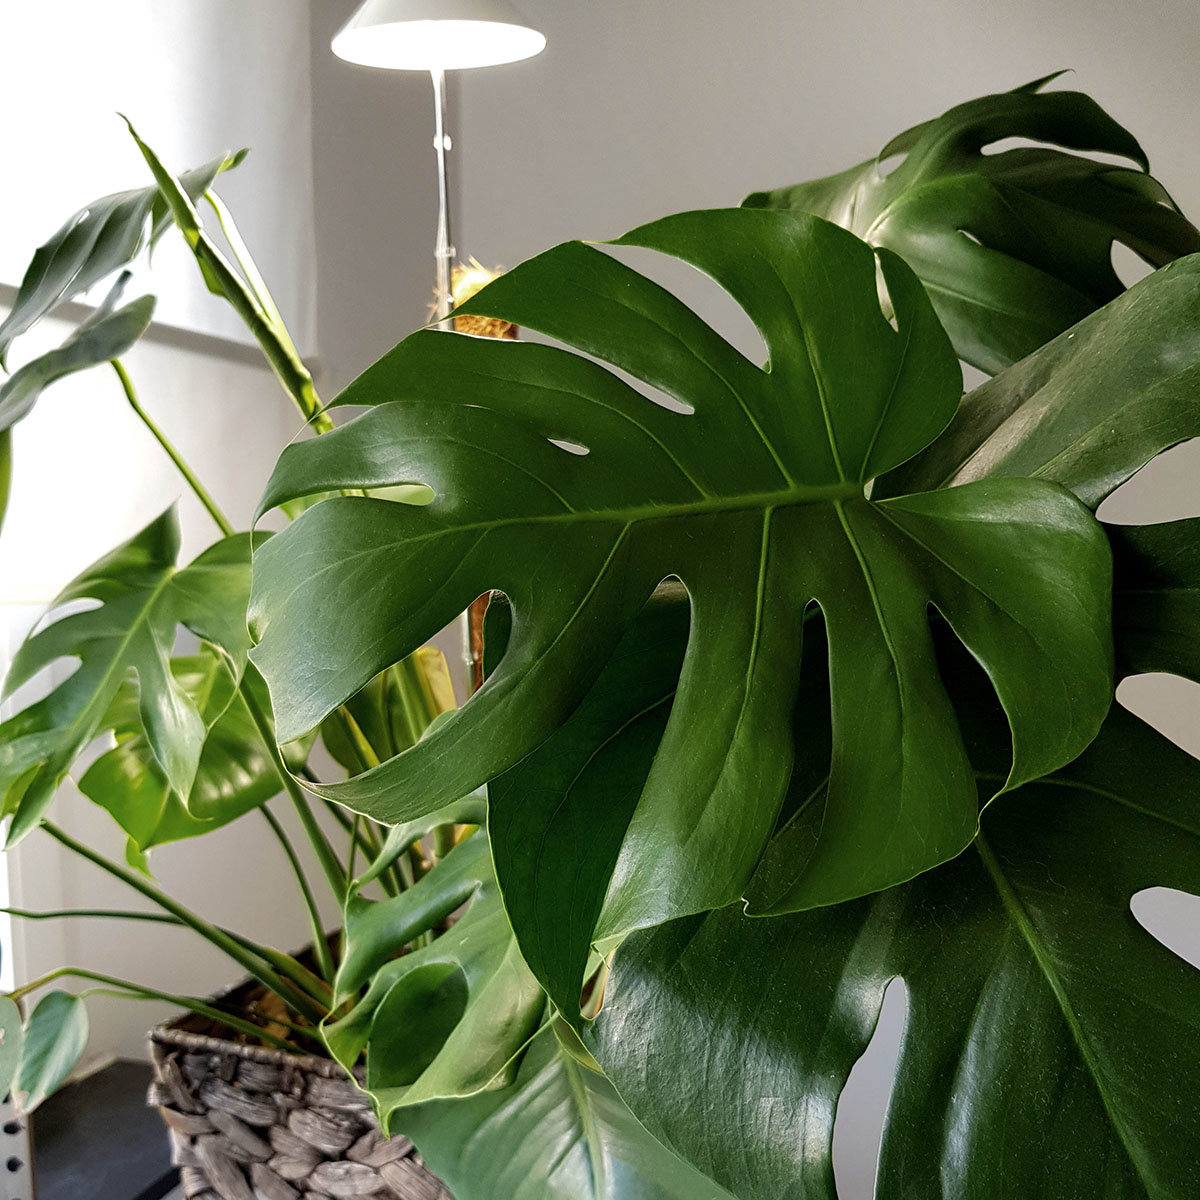 Sunlite Pflanzenlampe, 7 W, 28-100 cm, Ø 11, Kabel 4 m,Aluminium, weiß | #4